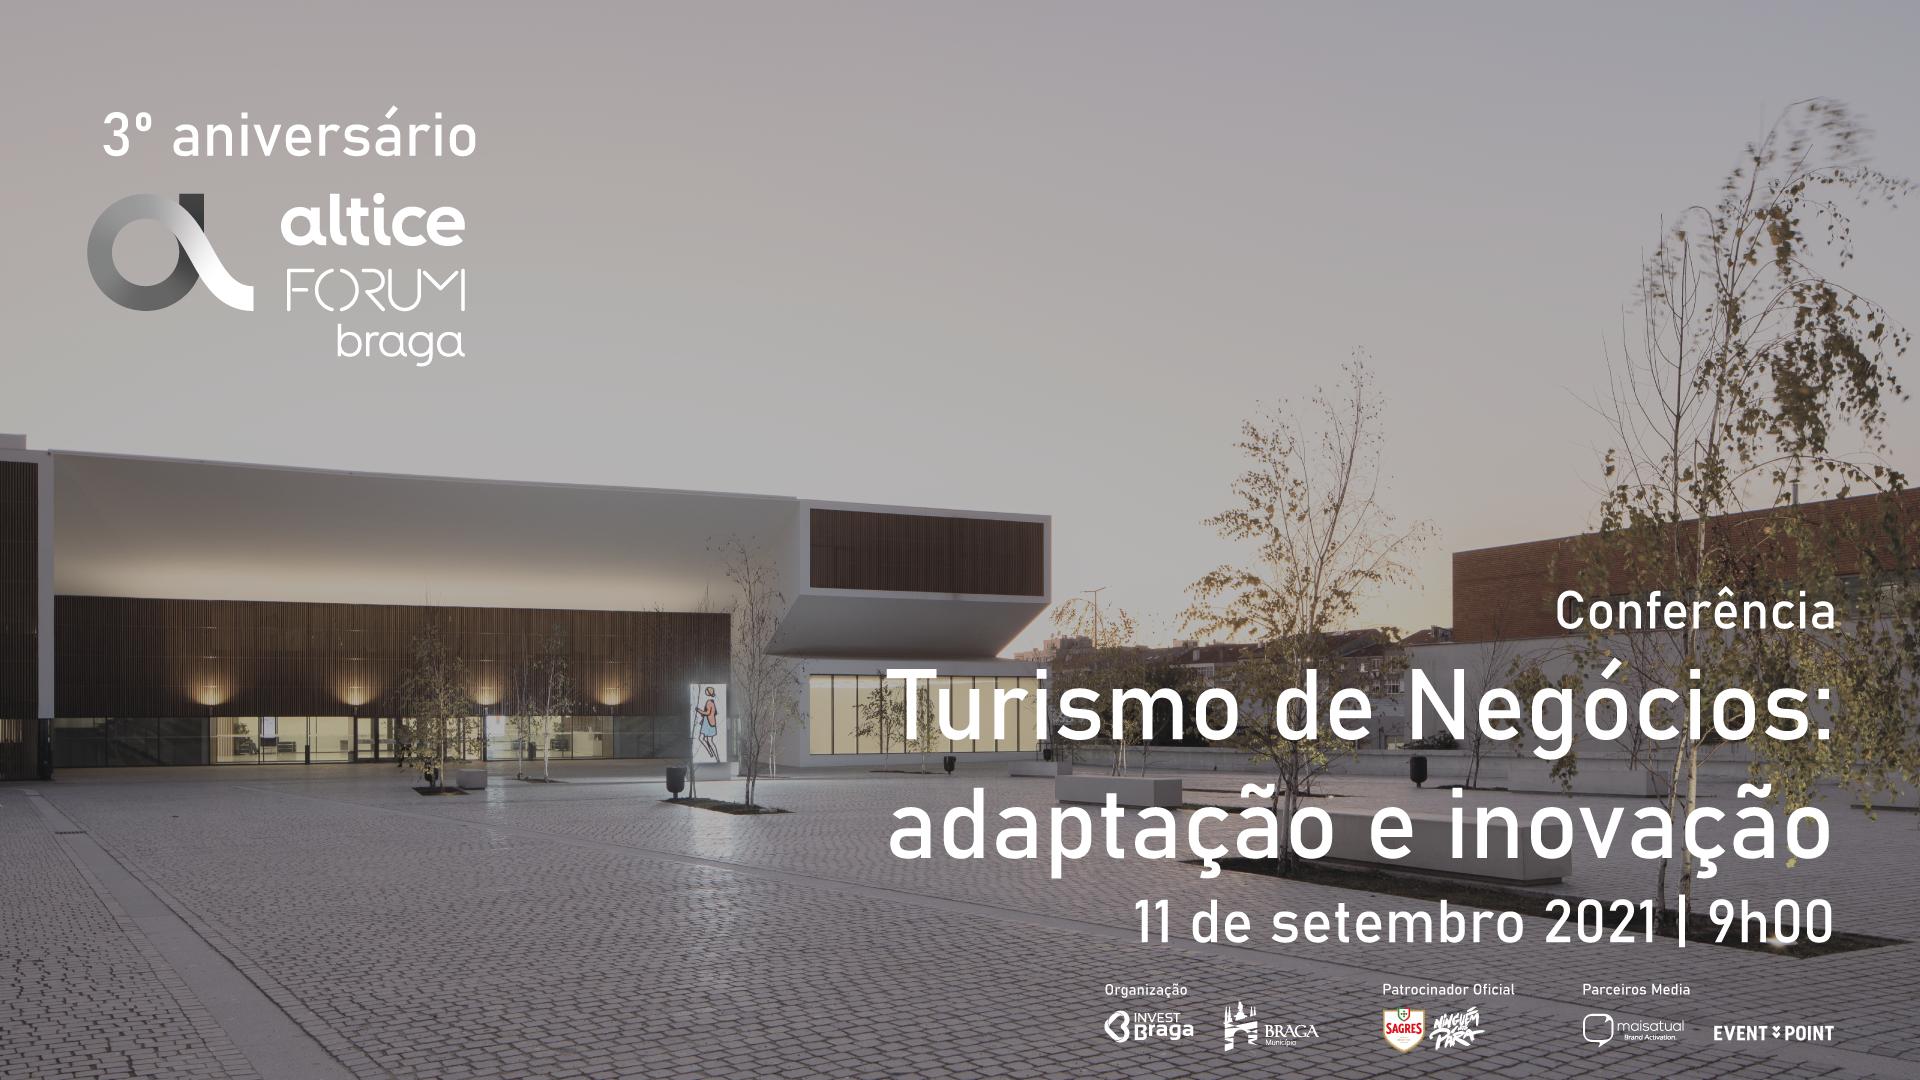 Altice Forum Braga assinala terceiro aniversário com reflexão sobre inovação no turismo de negócios este sábado